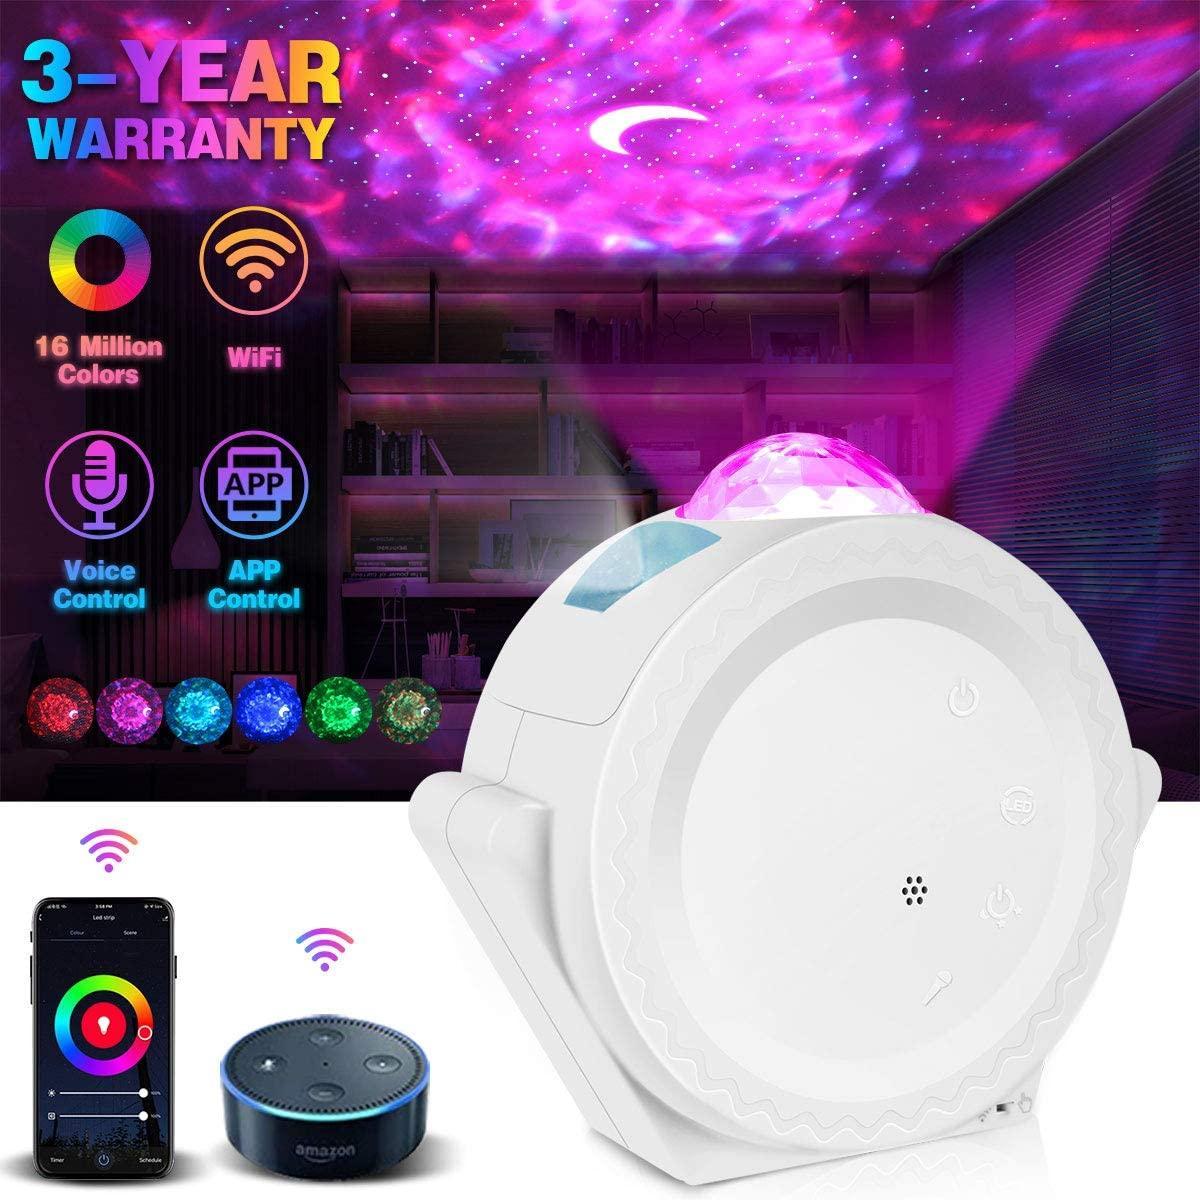 WiFi Yıldız Gece Lambası Galaxy Projektörü Ile Çalışır Alexa Google Home 16M Renkli Yıldızlı Akıllı Yıldız Projektör Işık Ile APP Ses Kontrolü